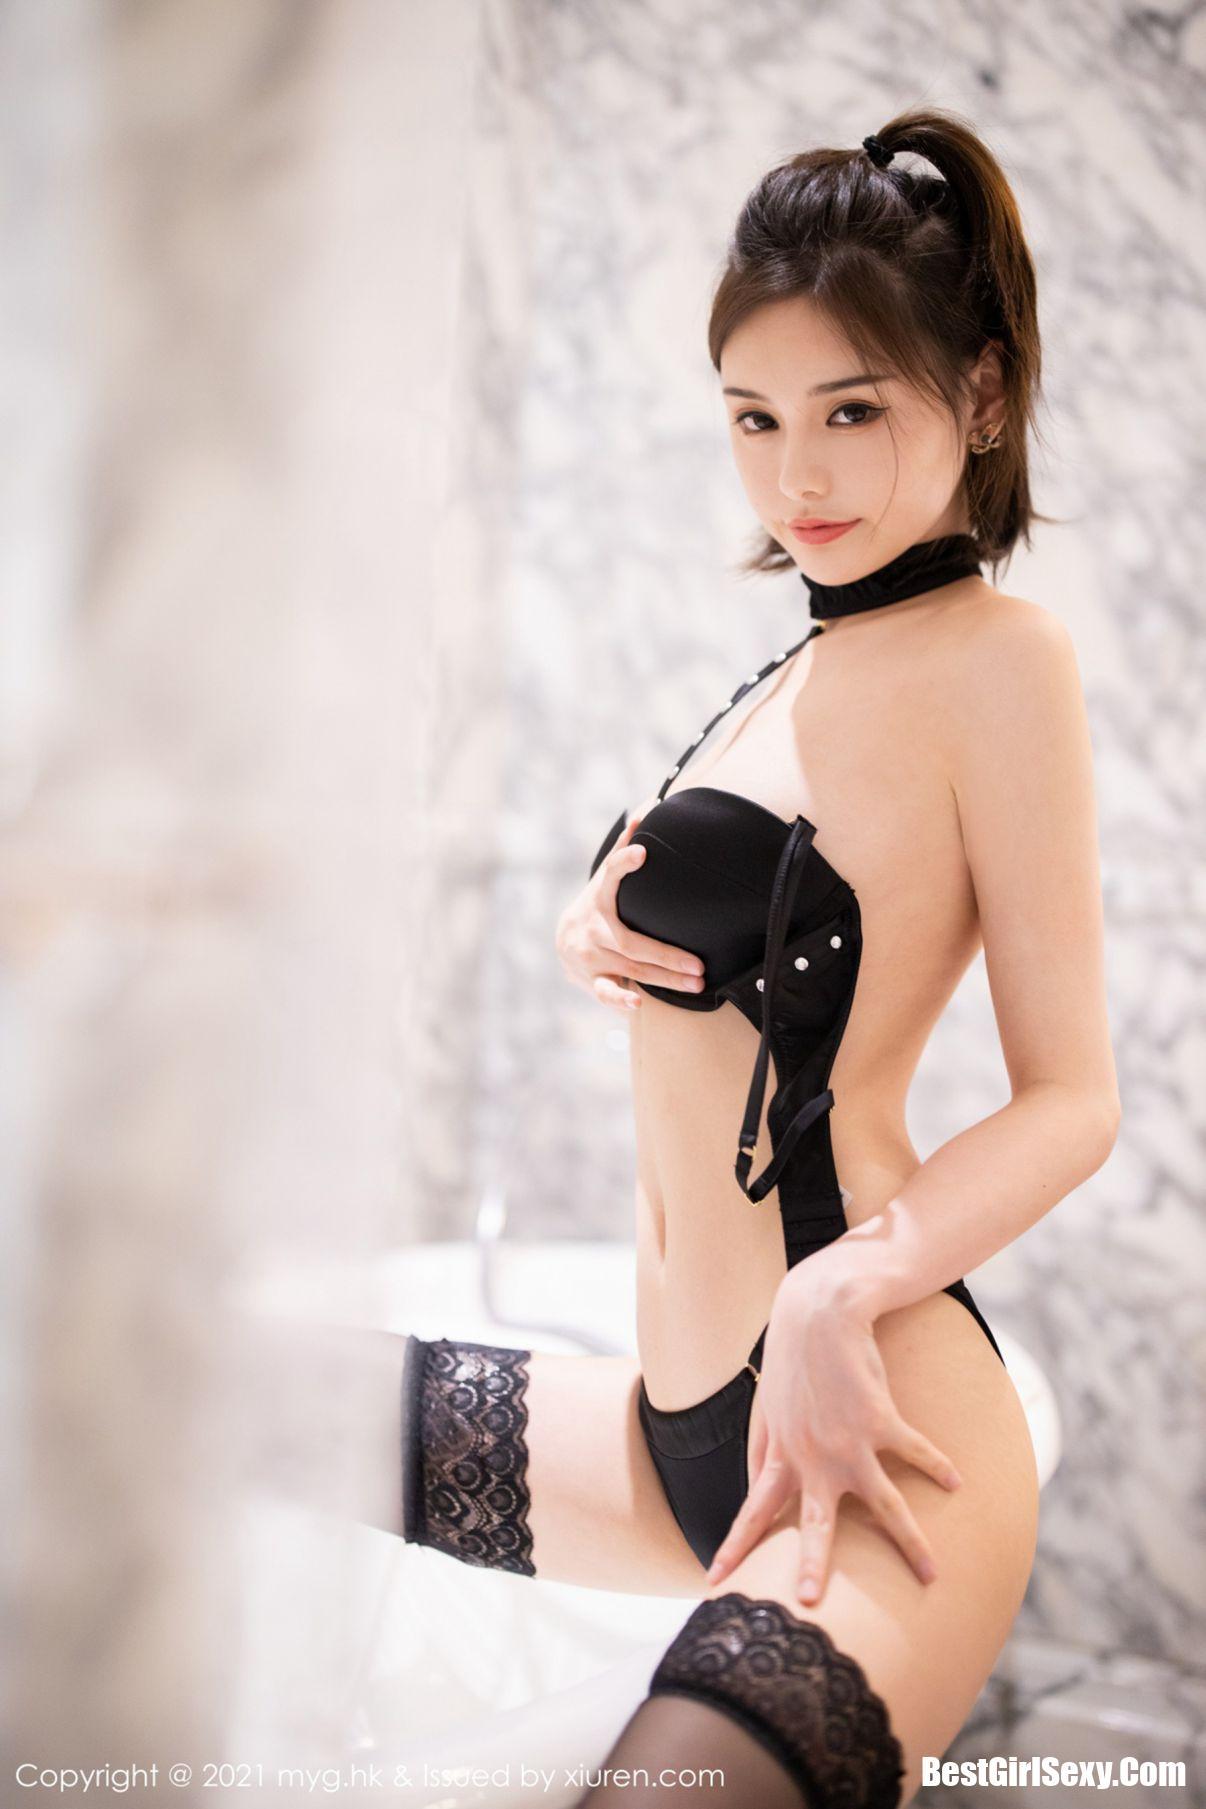 小夕juju, Xiao Xi JuJu, MyGirl美媛馆 Vol.525 Xiao Xi JuJu, MyGirl美媛馆 Vol.525